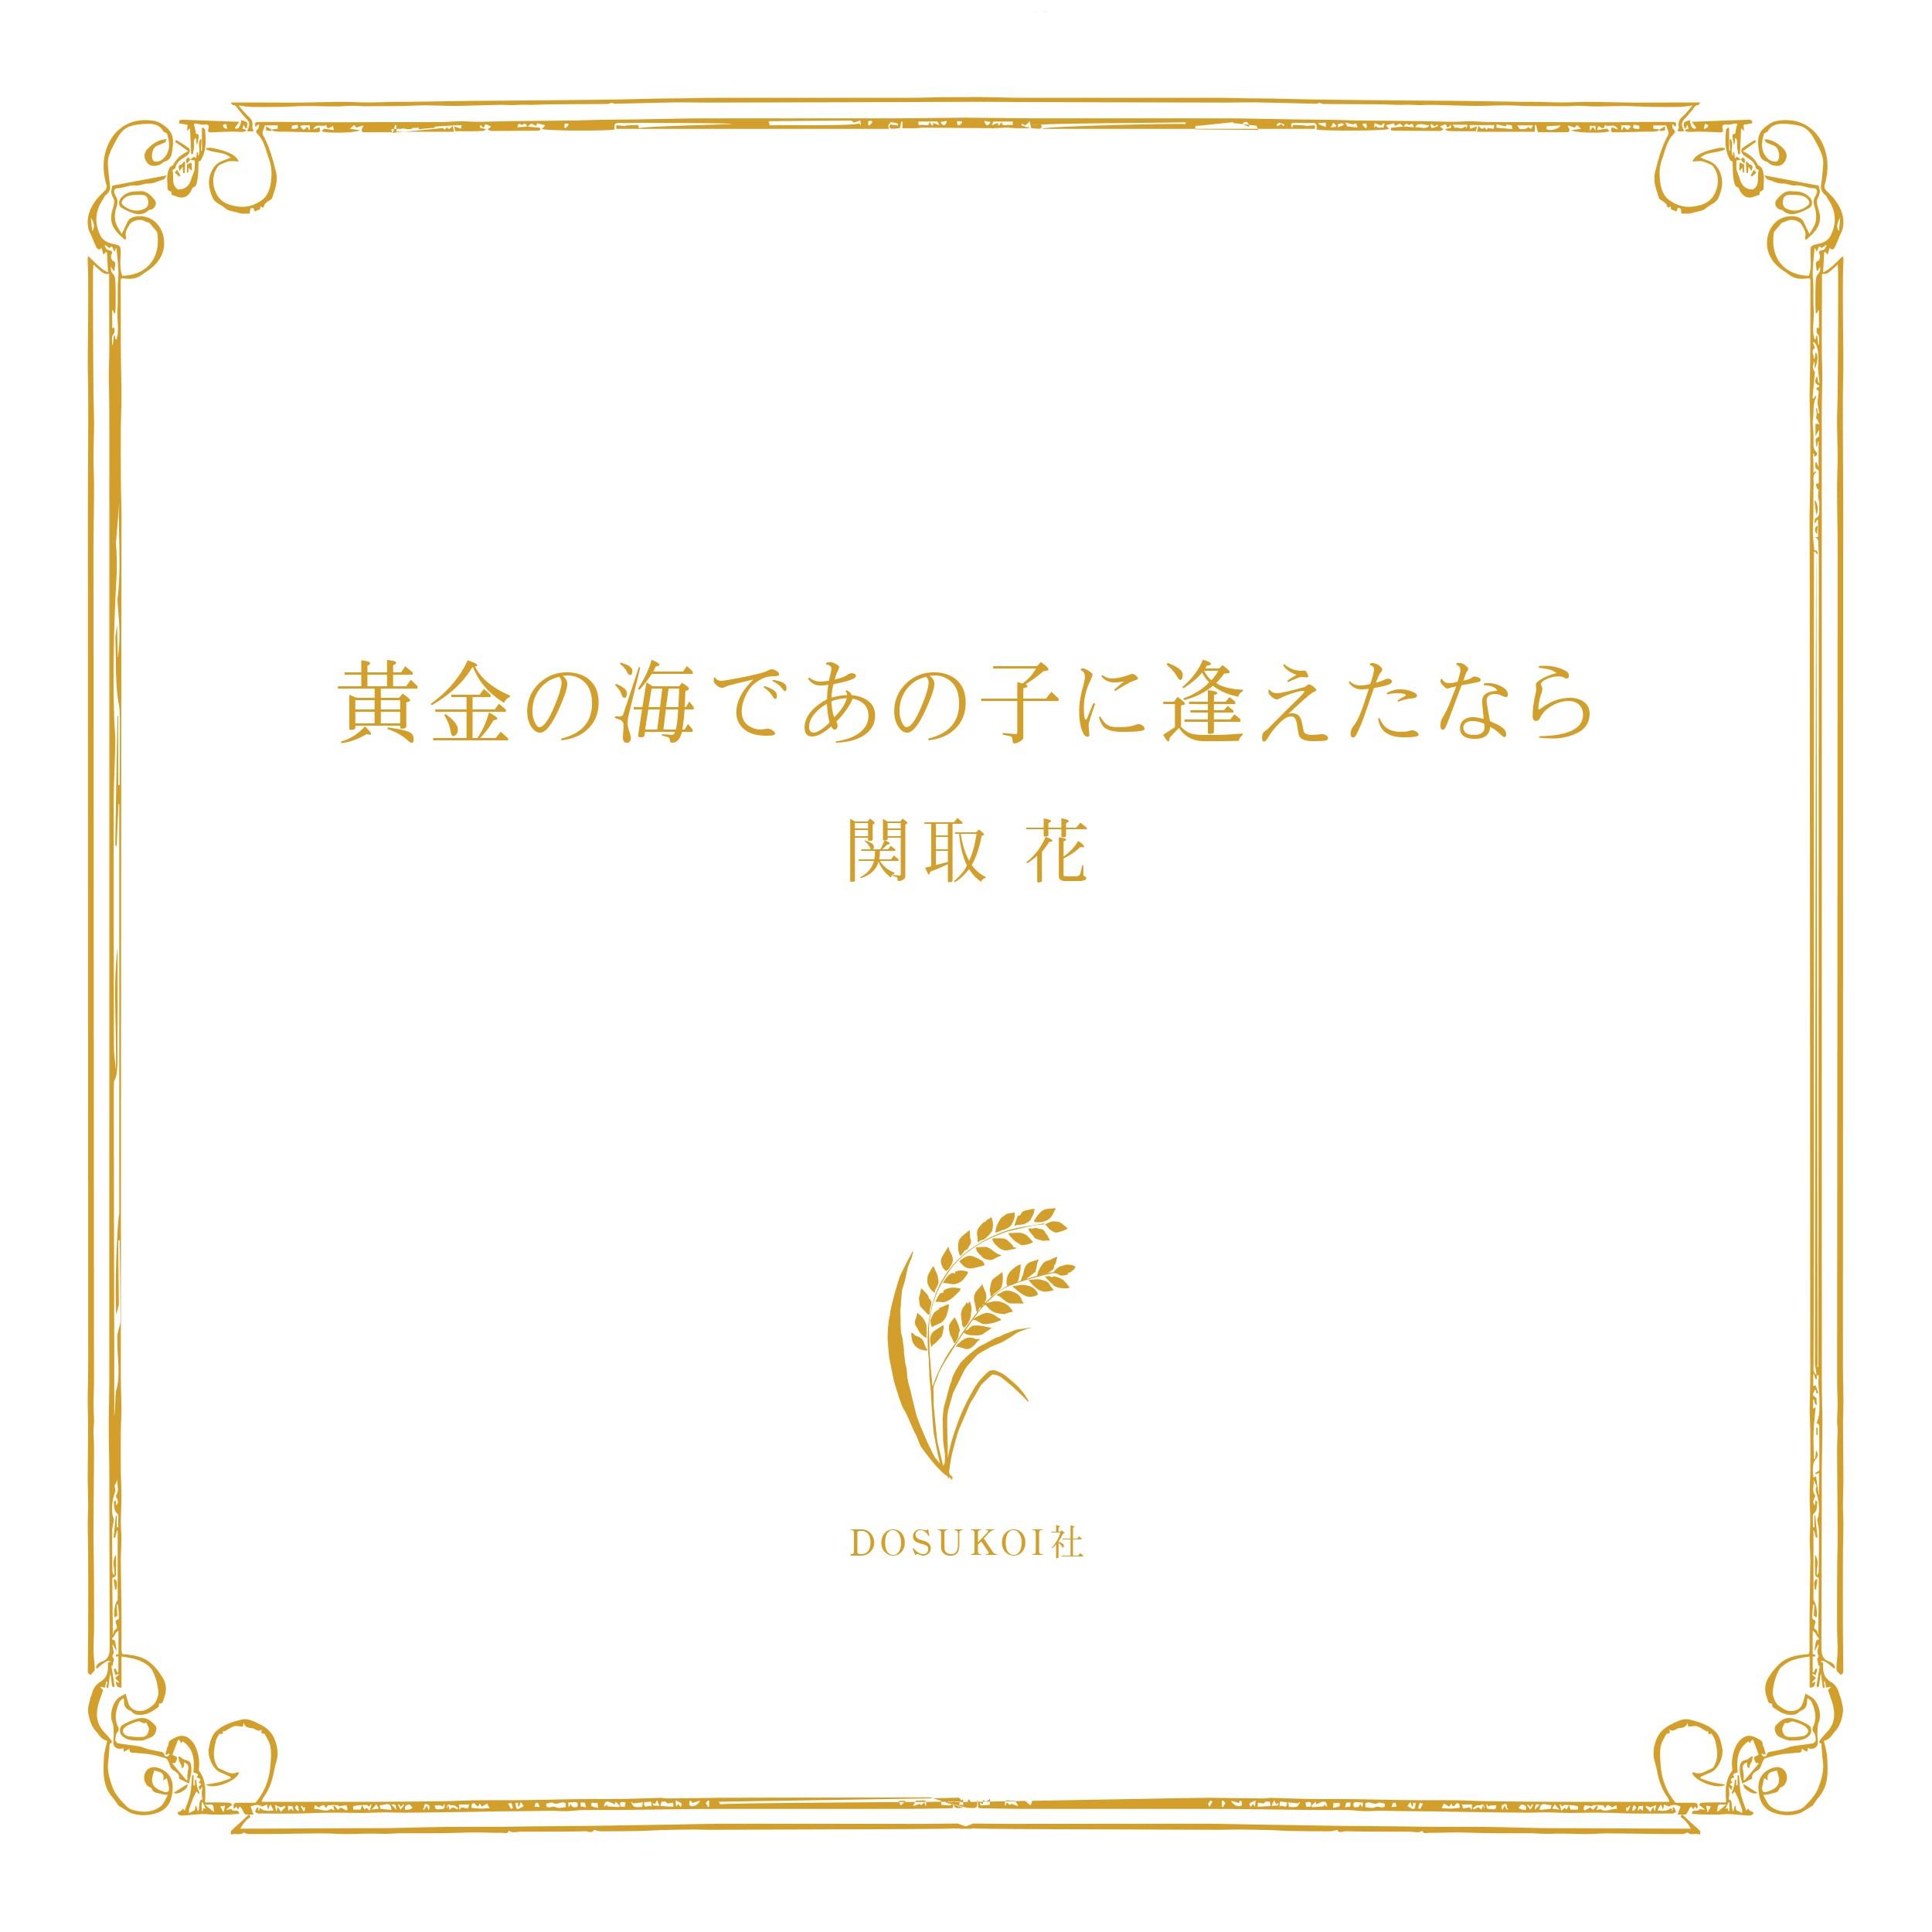 Image of 黄金の海であの子に逢えたなら / 関取 花